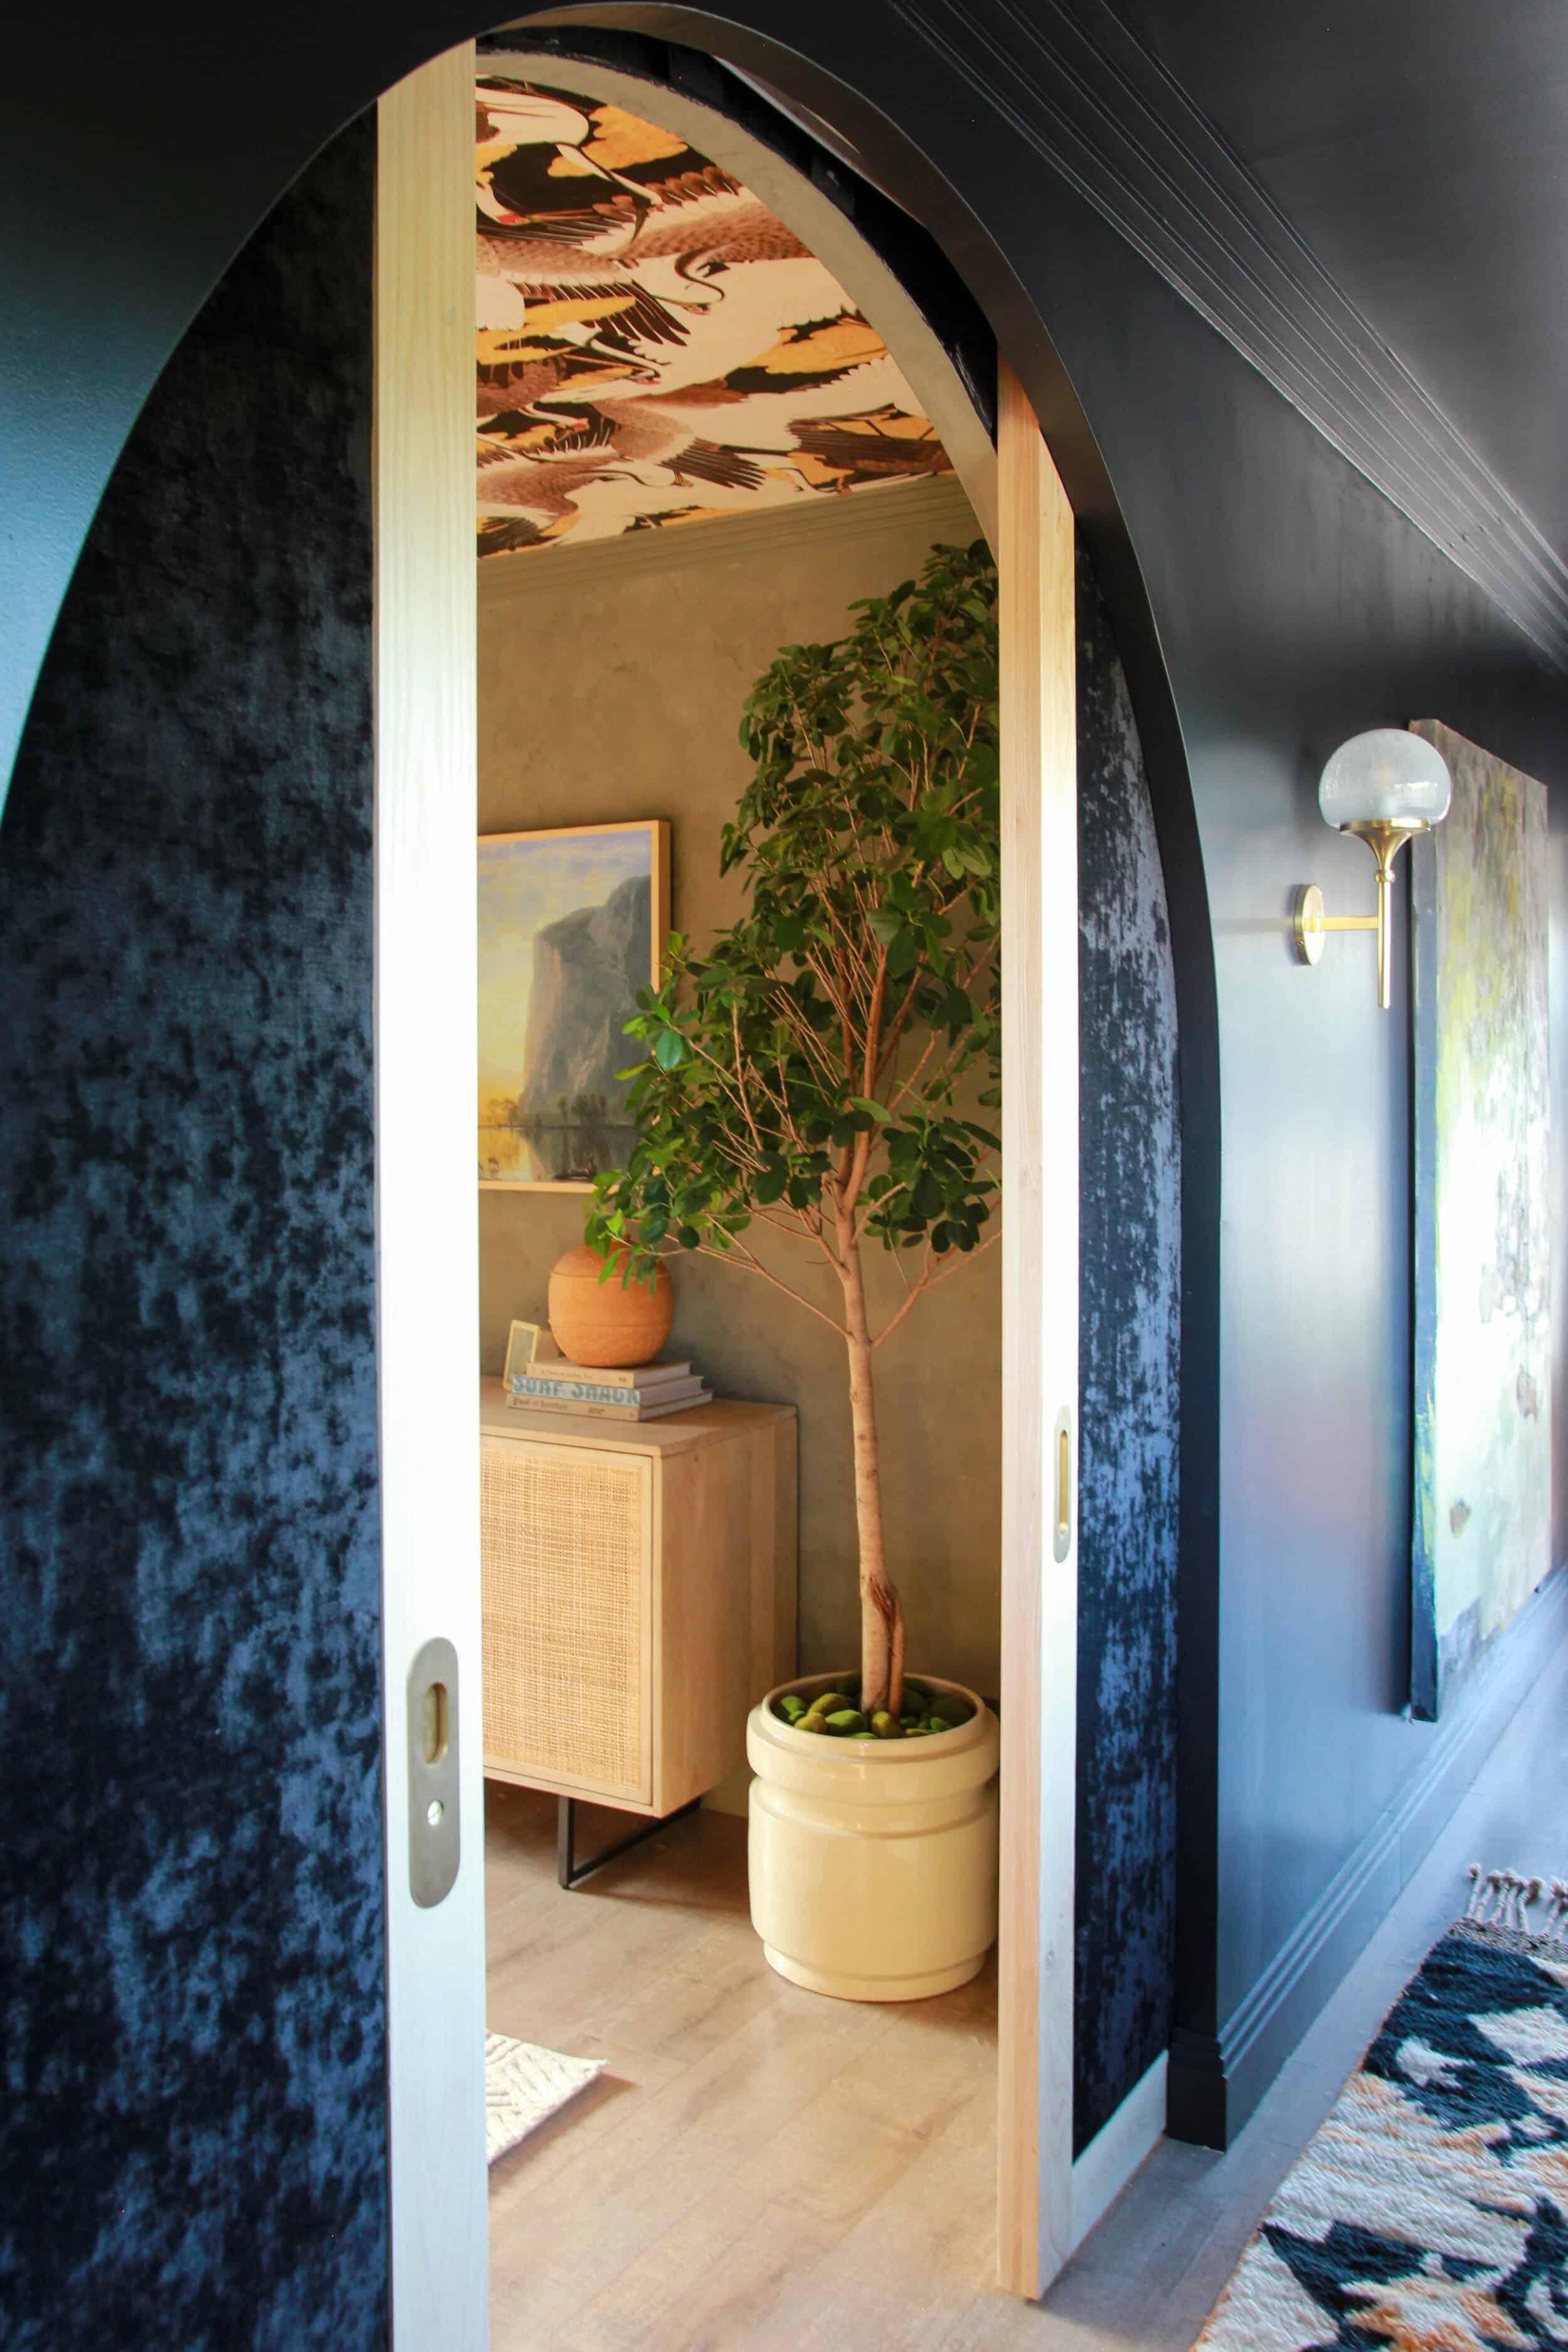 Emilyhenderson Thoughtstarter Hommeboys Oneroomchallenge Reveal Masterbedroombathroom 9 1